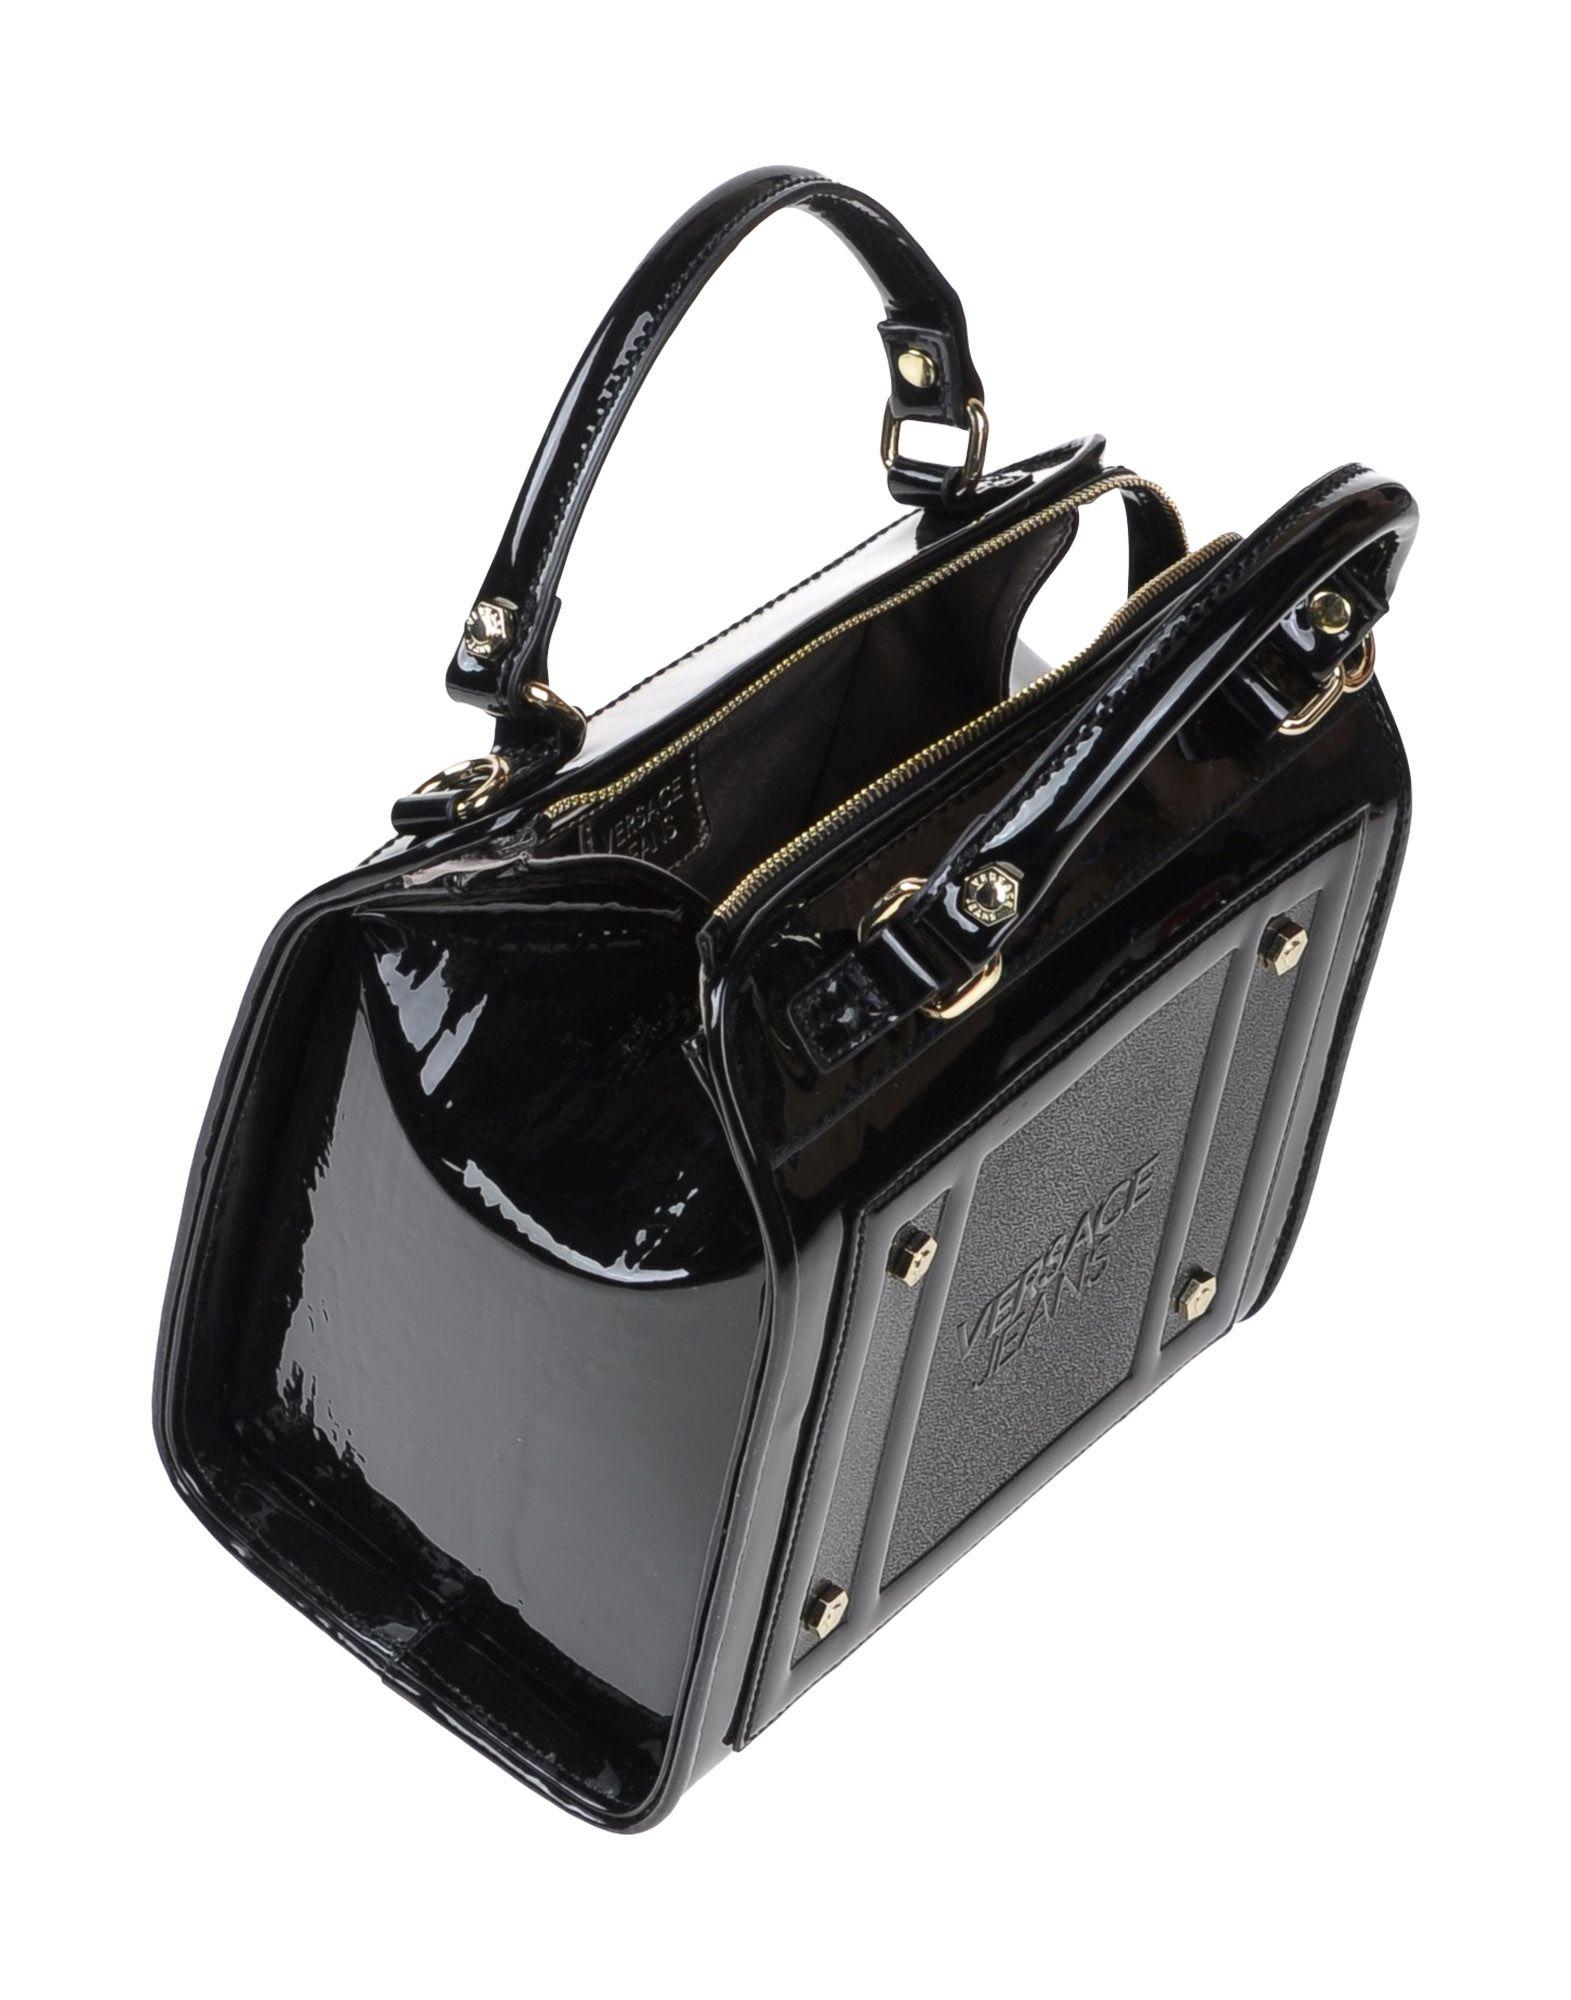 Lyst - Versace Jeans Handbag in Black bf9002dd82d83